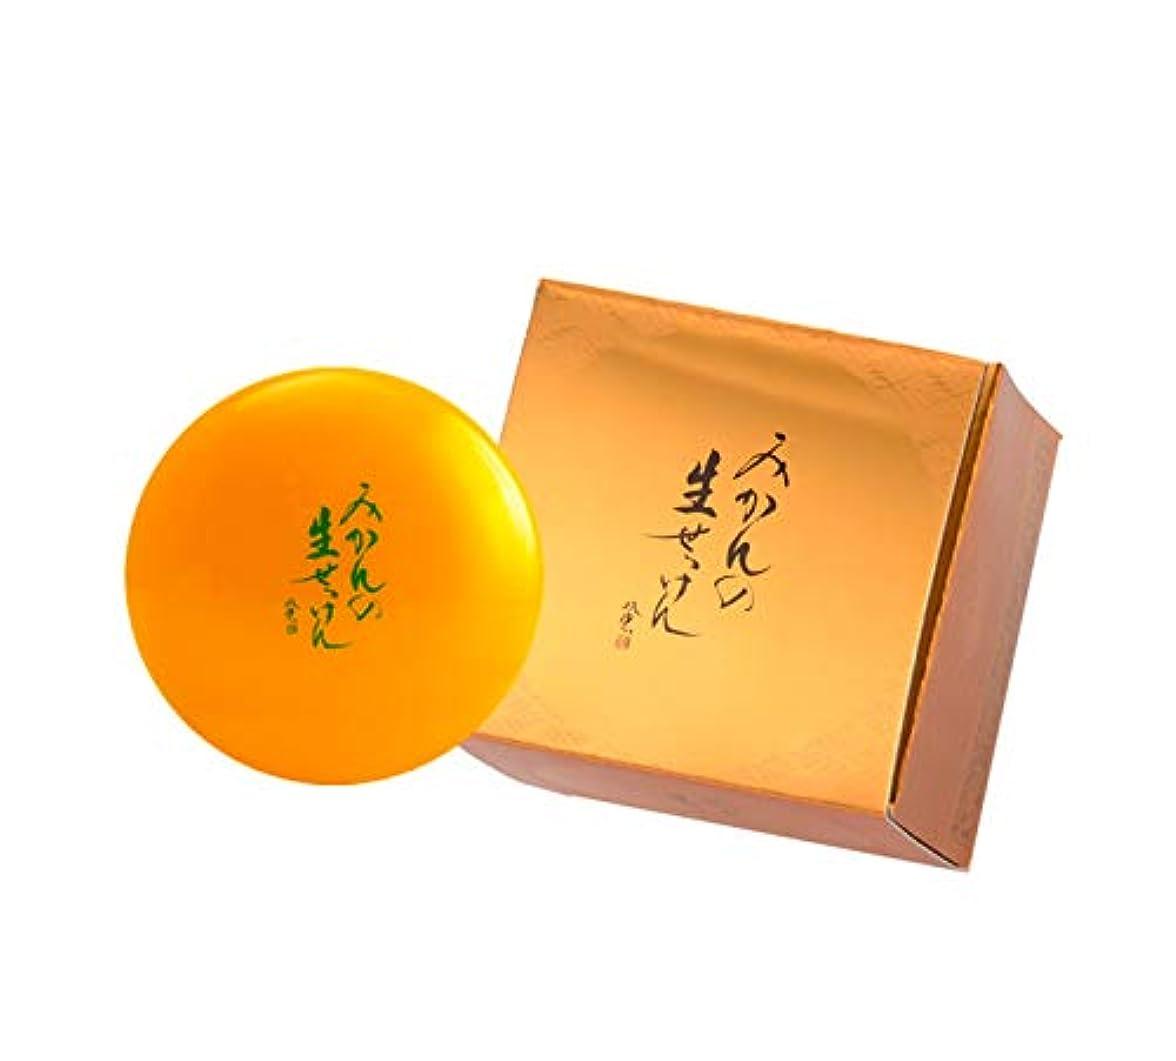 発見するスーツケース虚弱UYEKI美香柑みかんの生せっけん120g×24個セット